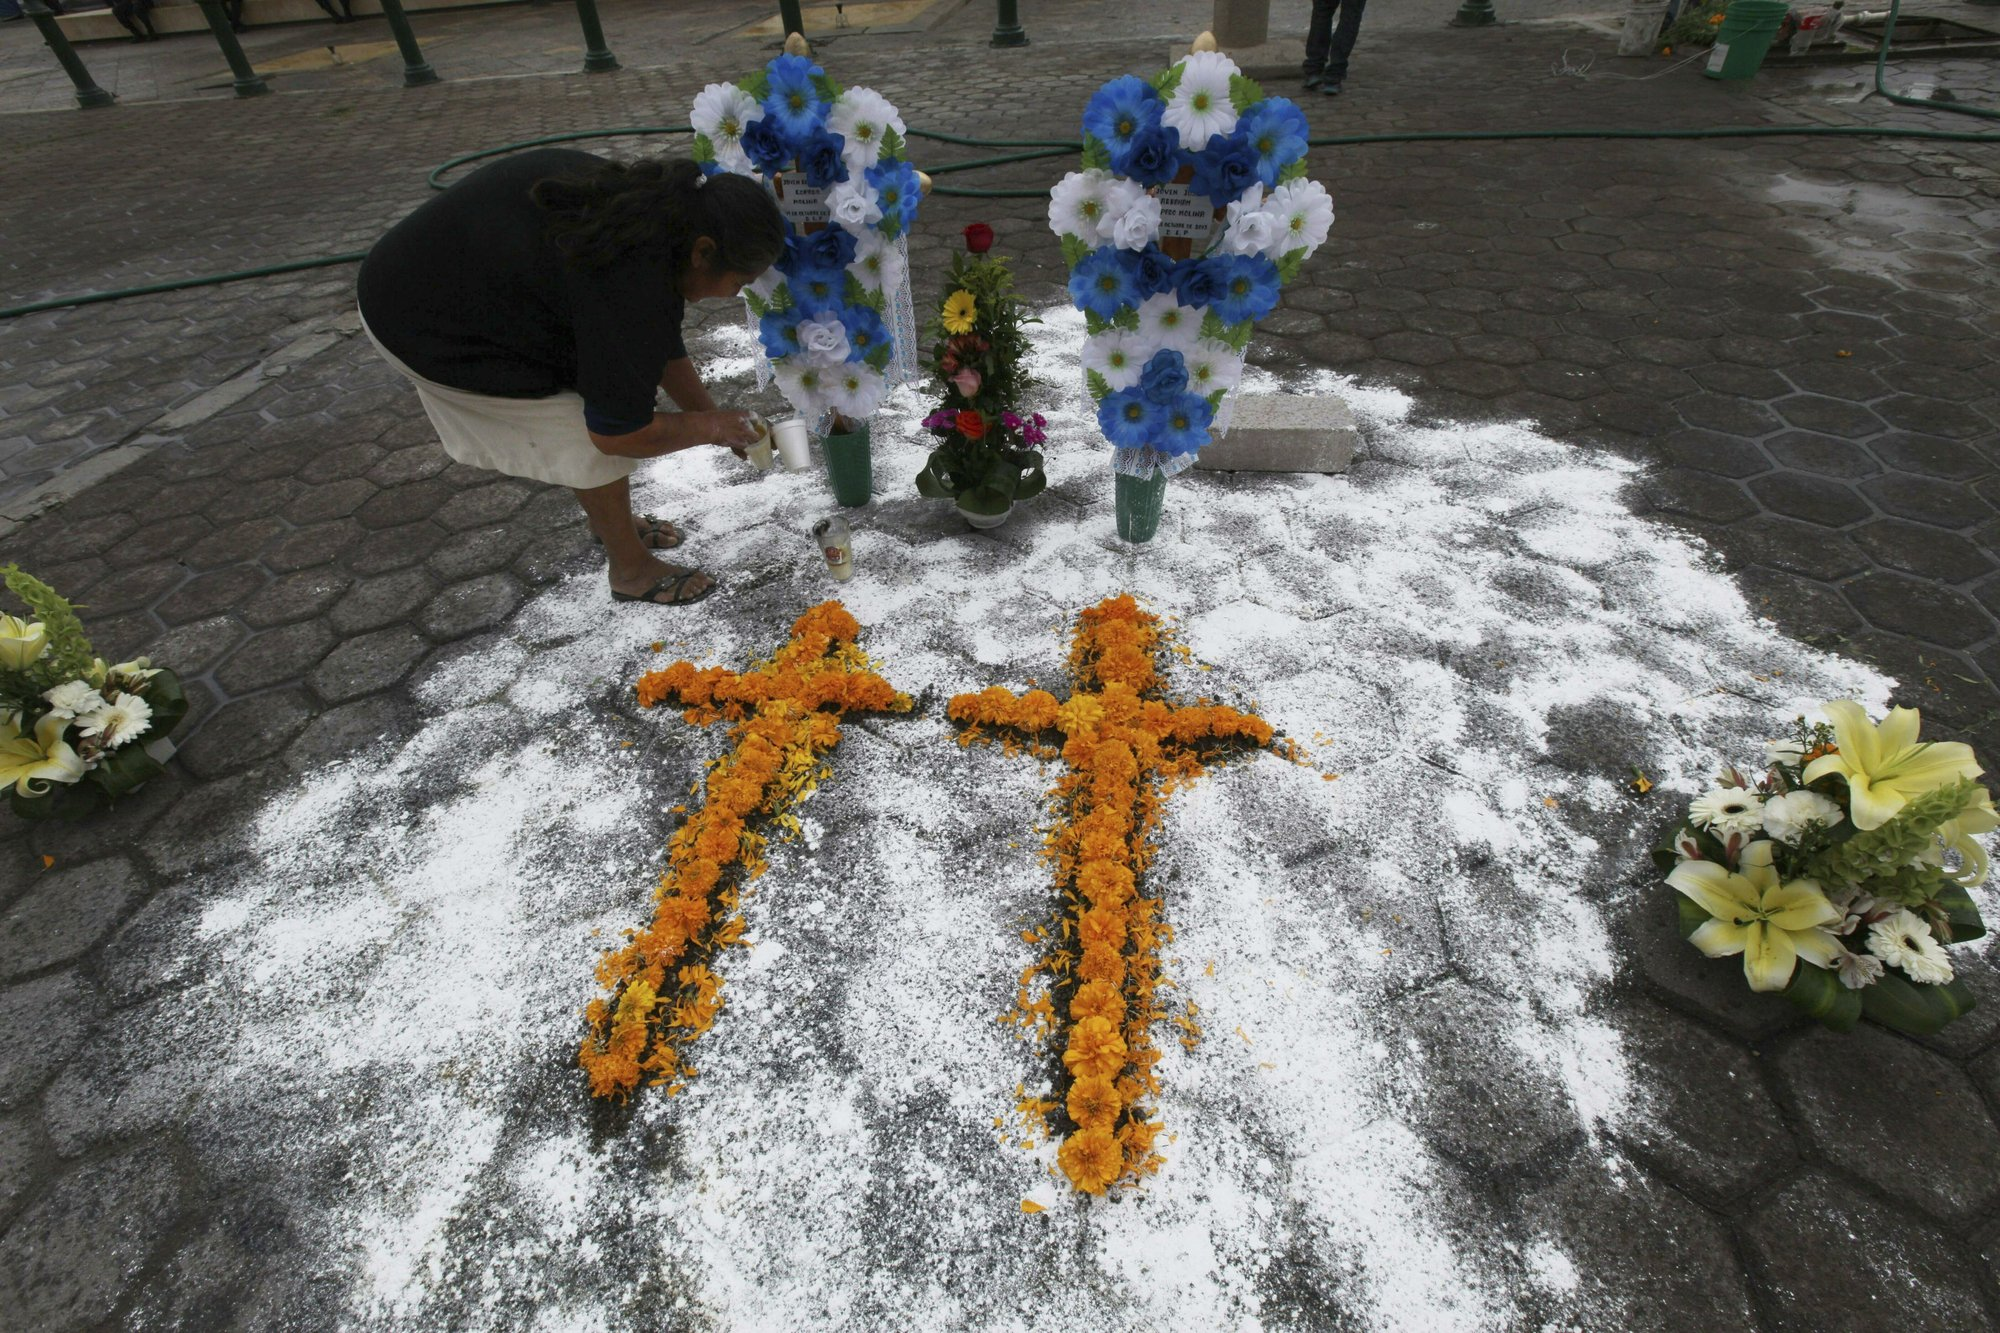 Vigilante attacks on the rise in Mexico